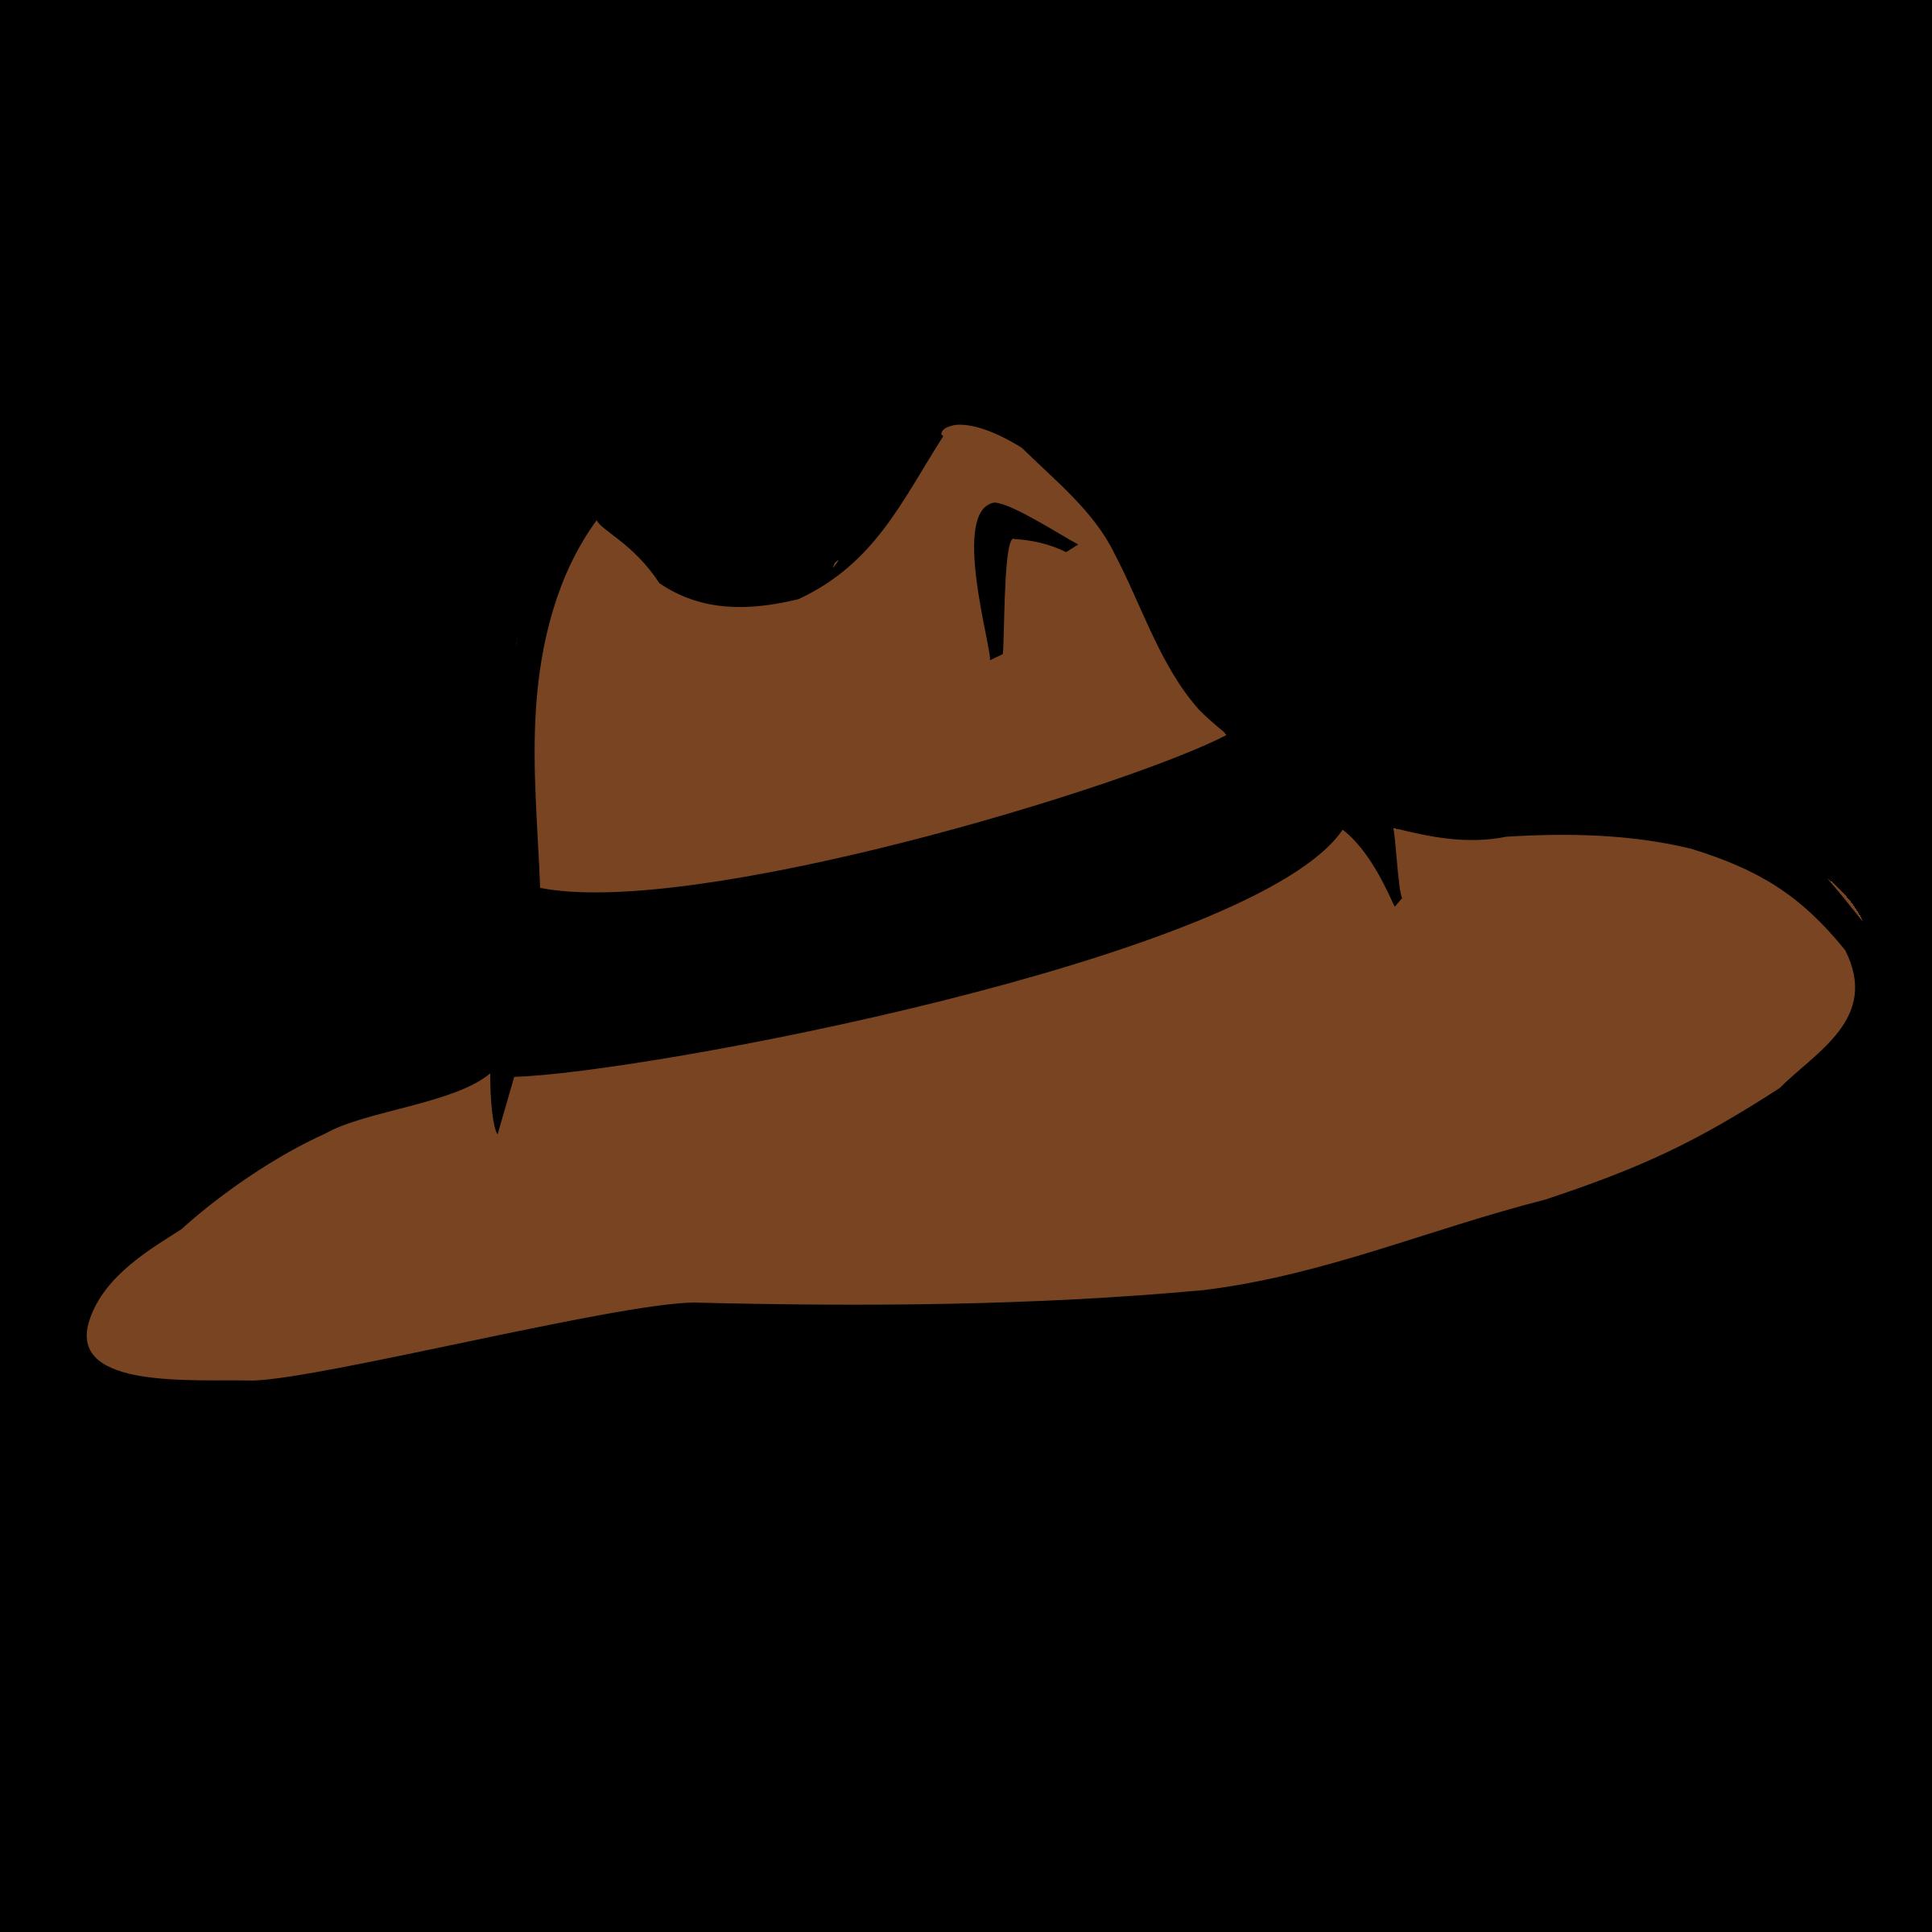 Hat clipart cow boy. Cowboy peasant